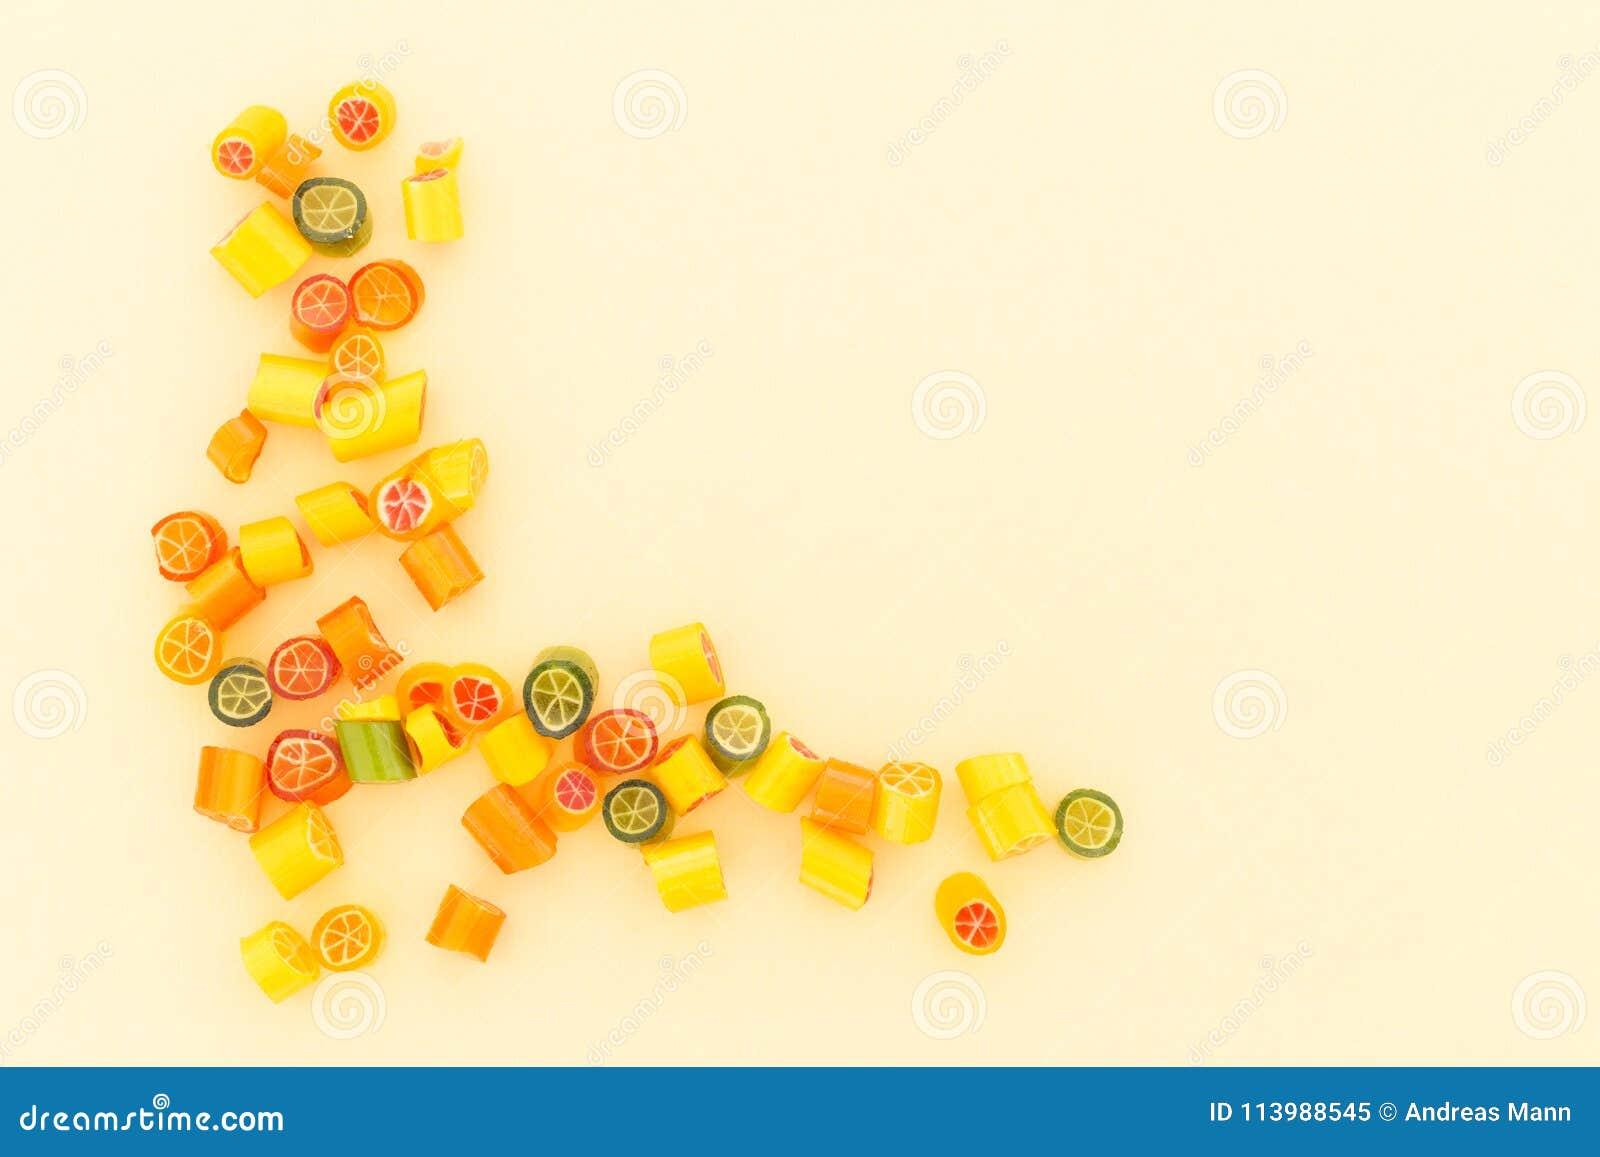 Κατάταξη της ζωηρόχρωμης καραμέλας στο κίτρινο υπόβαθρο